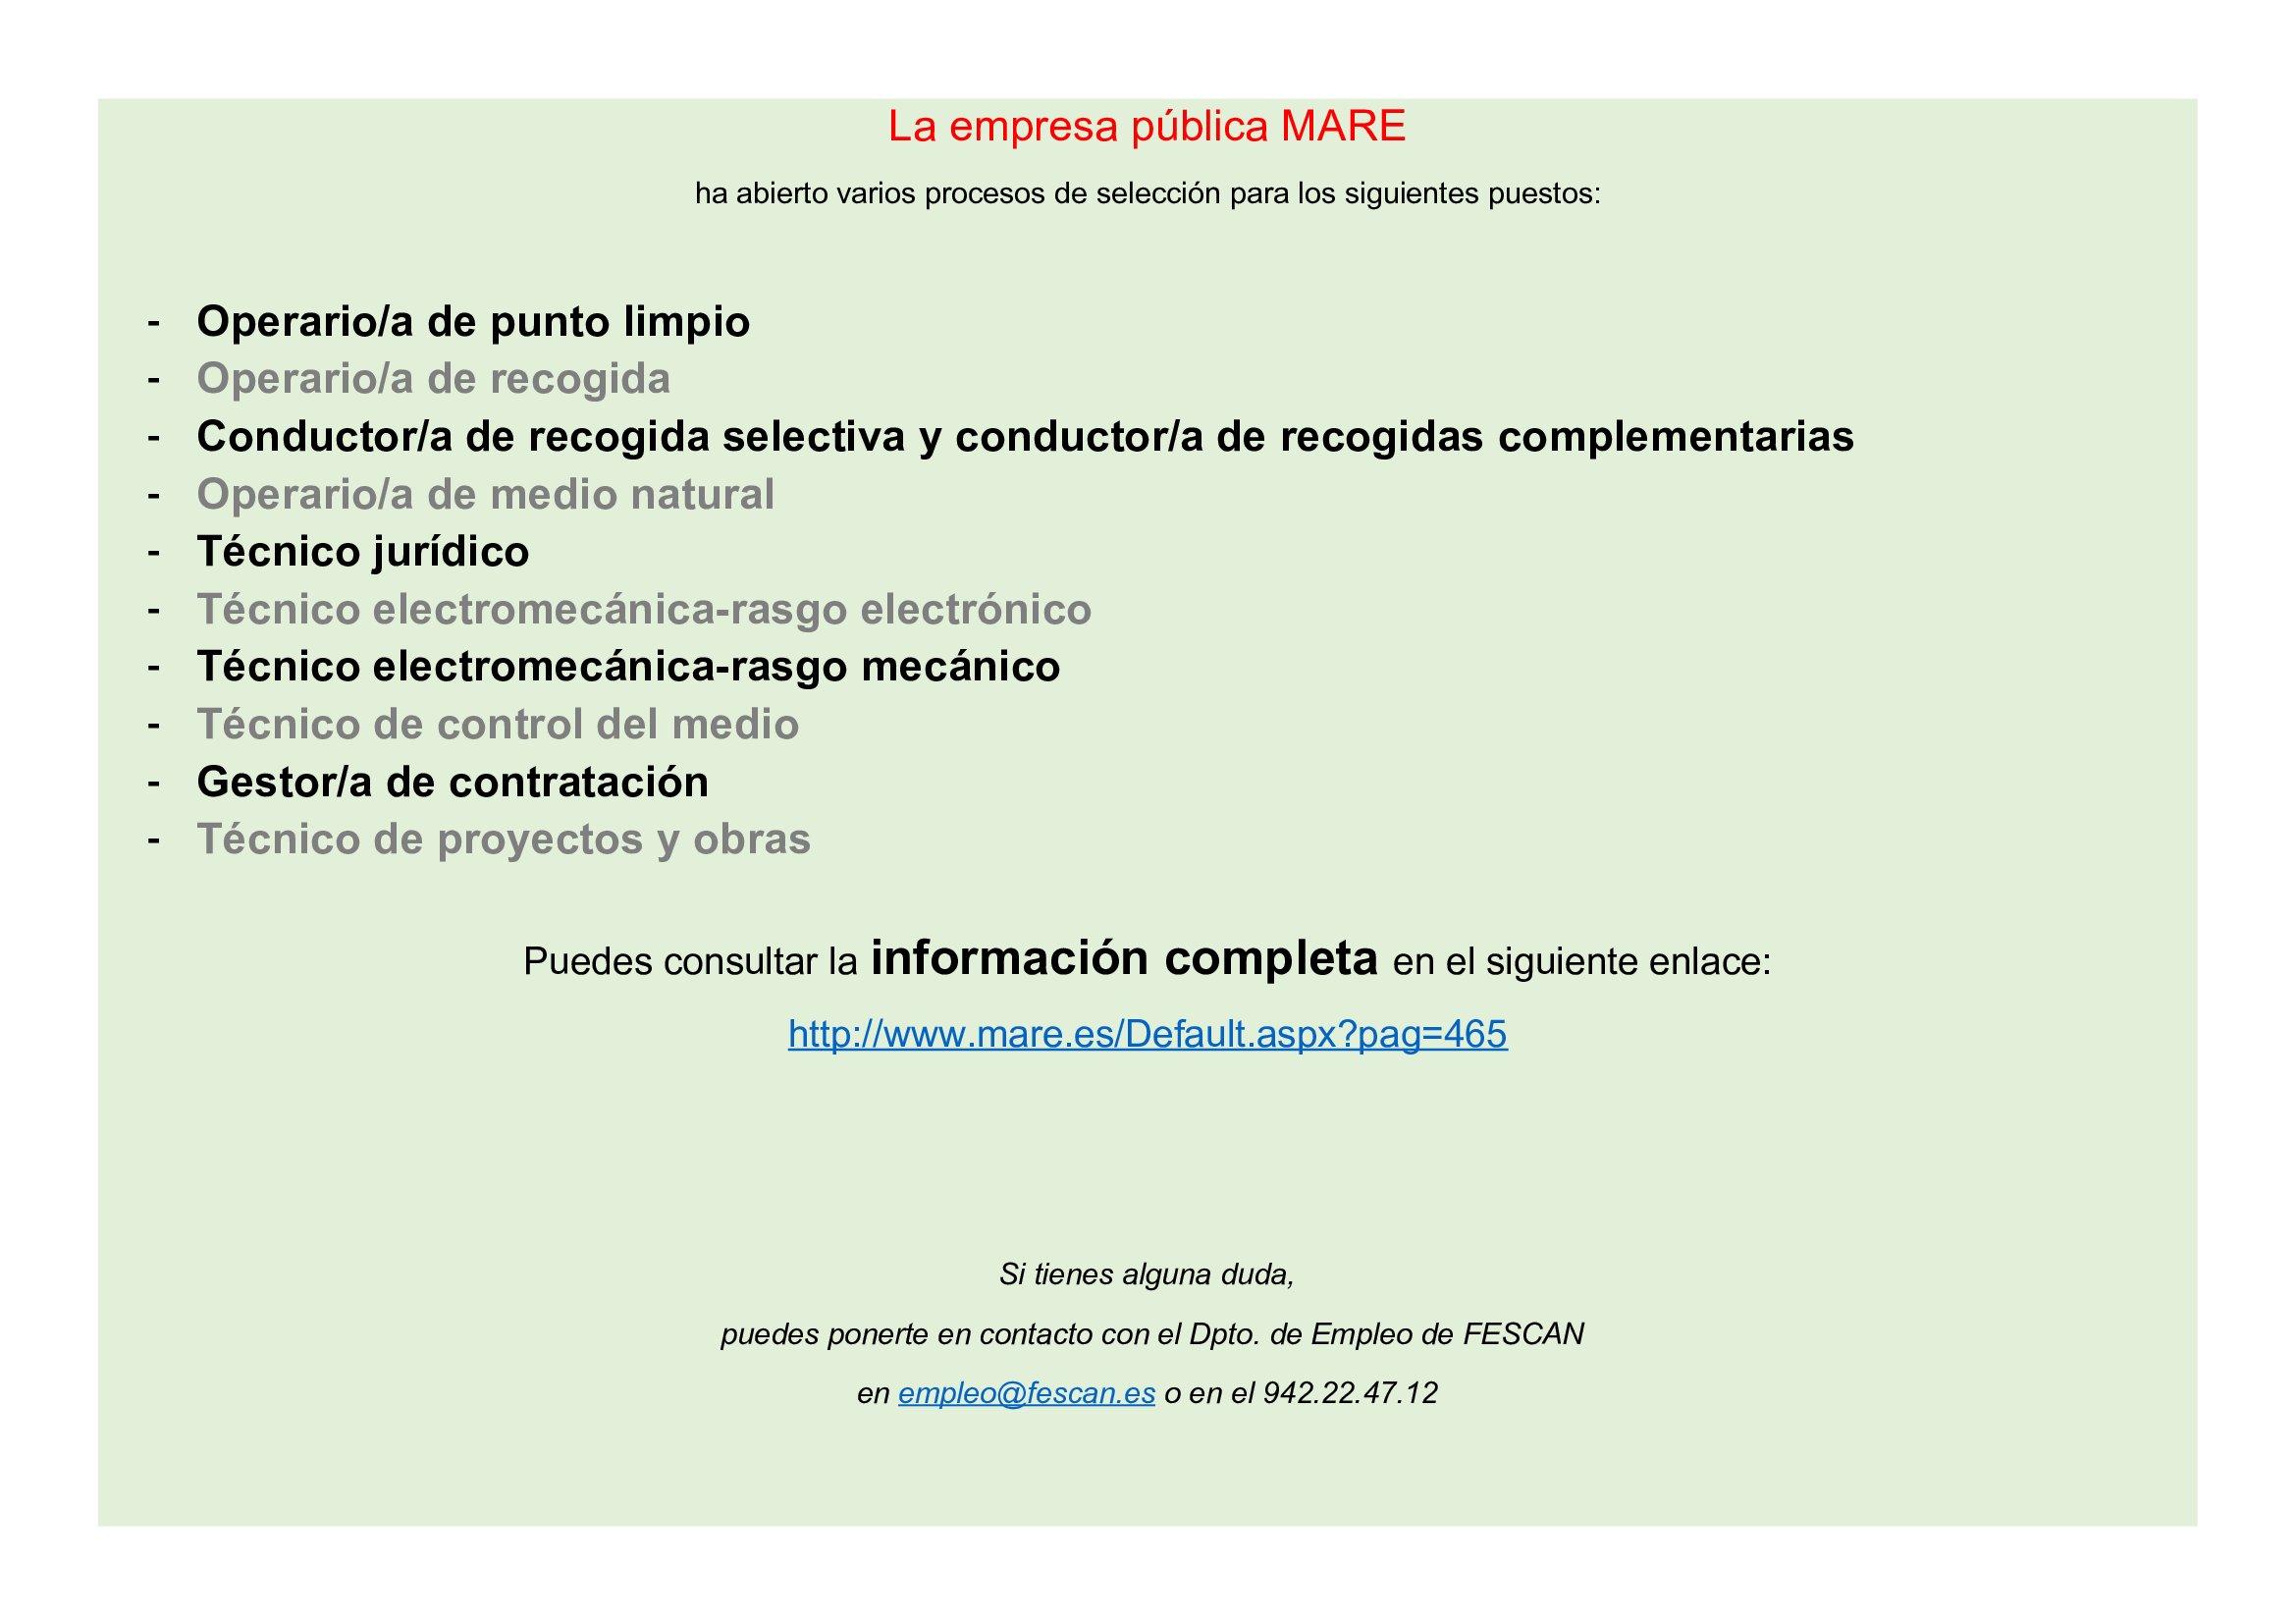 PROCESO DE SELECCIÓN DE LA EMPRESA MARE